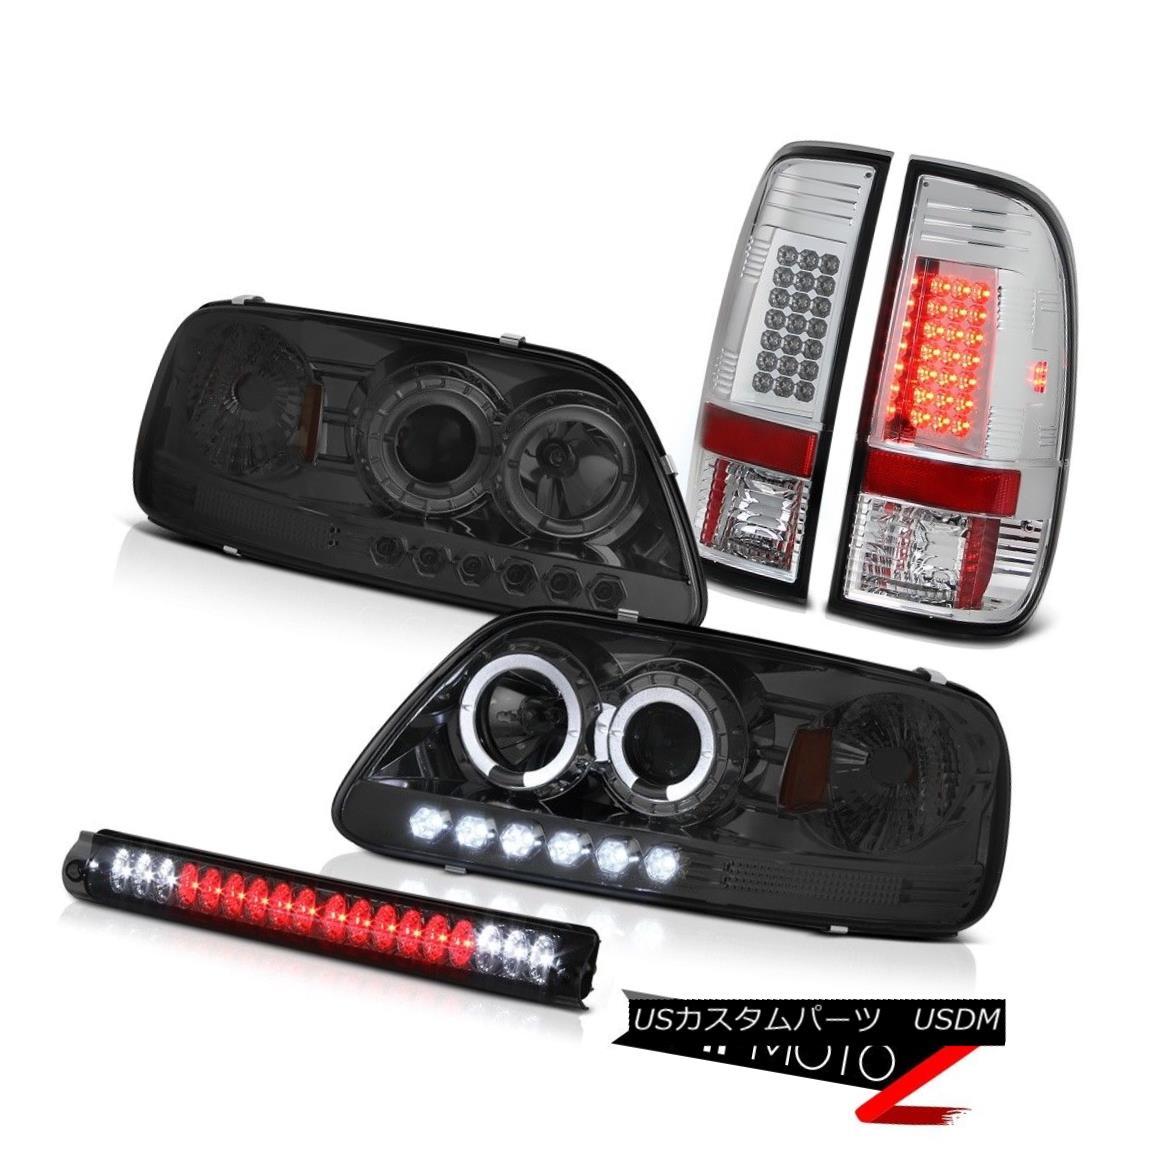 ヘッドライト 1997-2003 FORD F150 Smoke Headlight Halo Bright LED Tail Lights Brake Cargo Lamp 1997-2003フォードF150煙ヘッドライトハローブライトLEDテールライトブレーキカーゴランプ